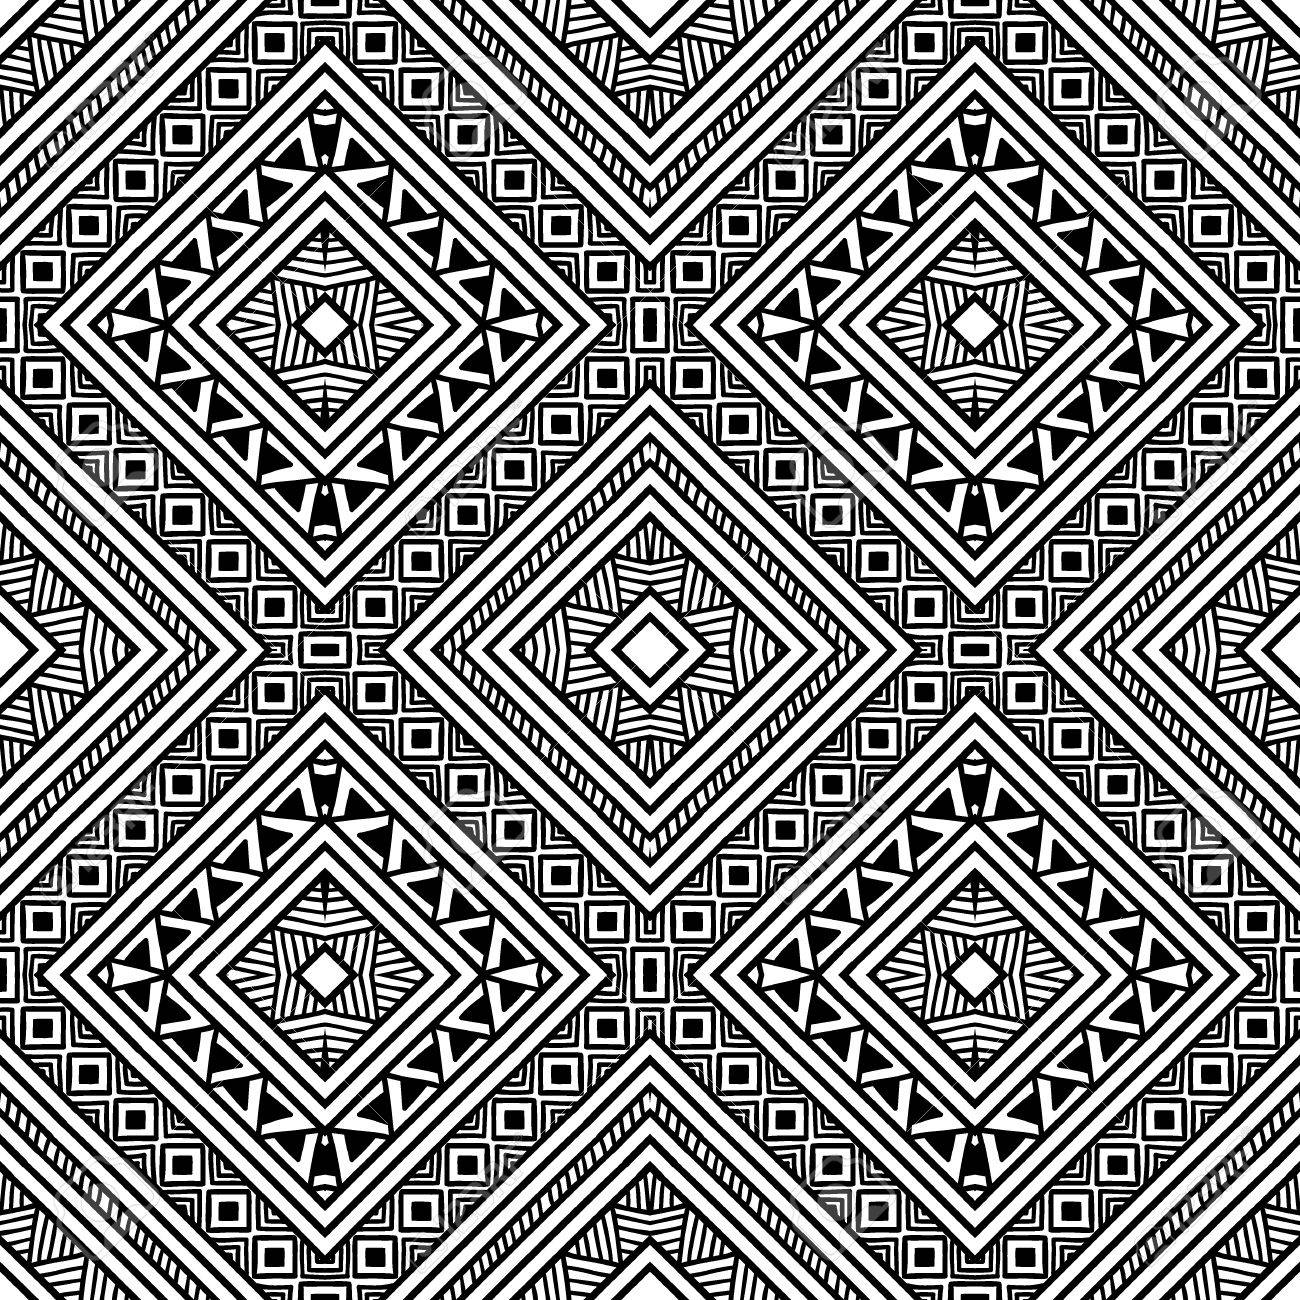 Nahtloses Ethnisches Muster Schwarz Weiß Mosaik Ornament Hand